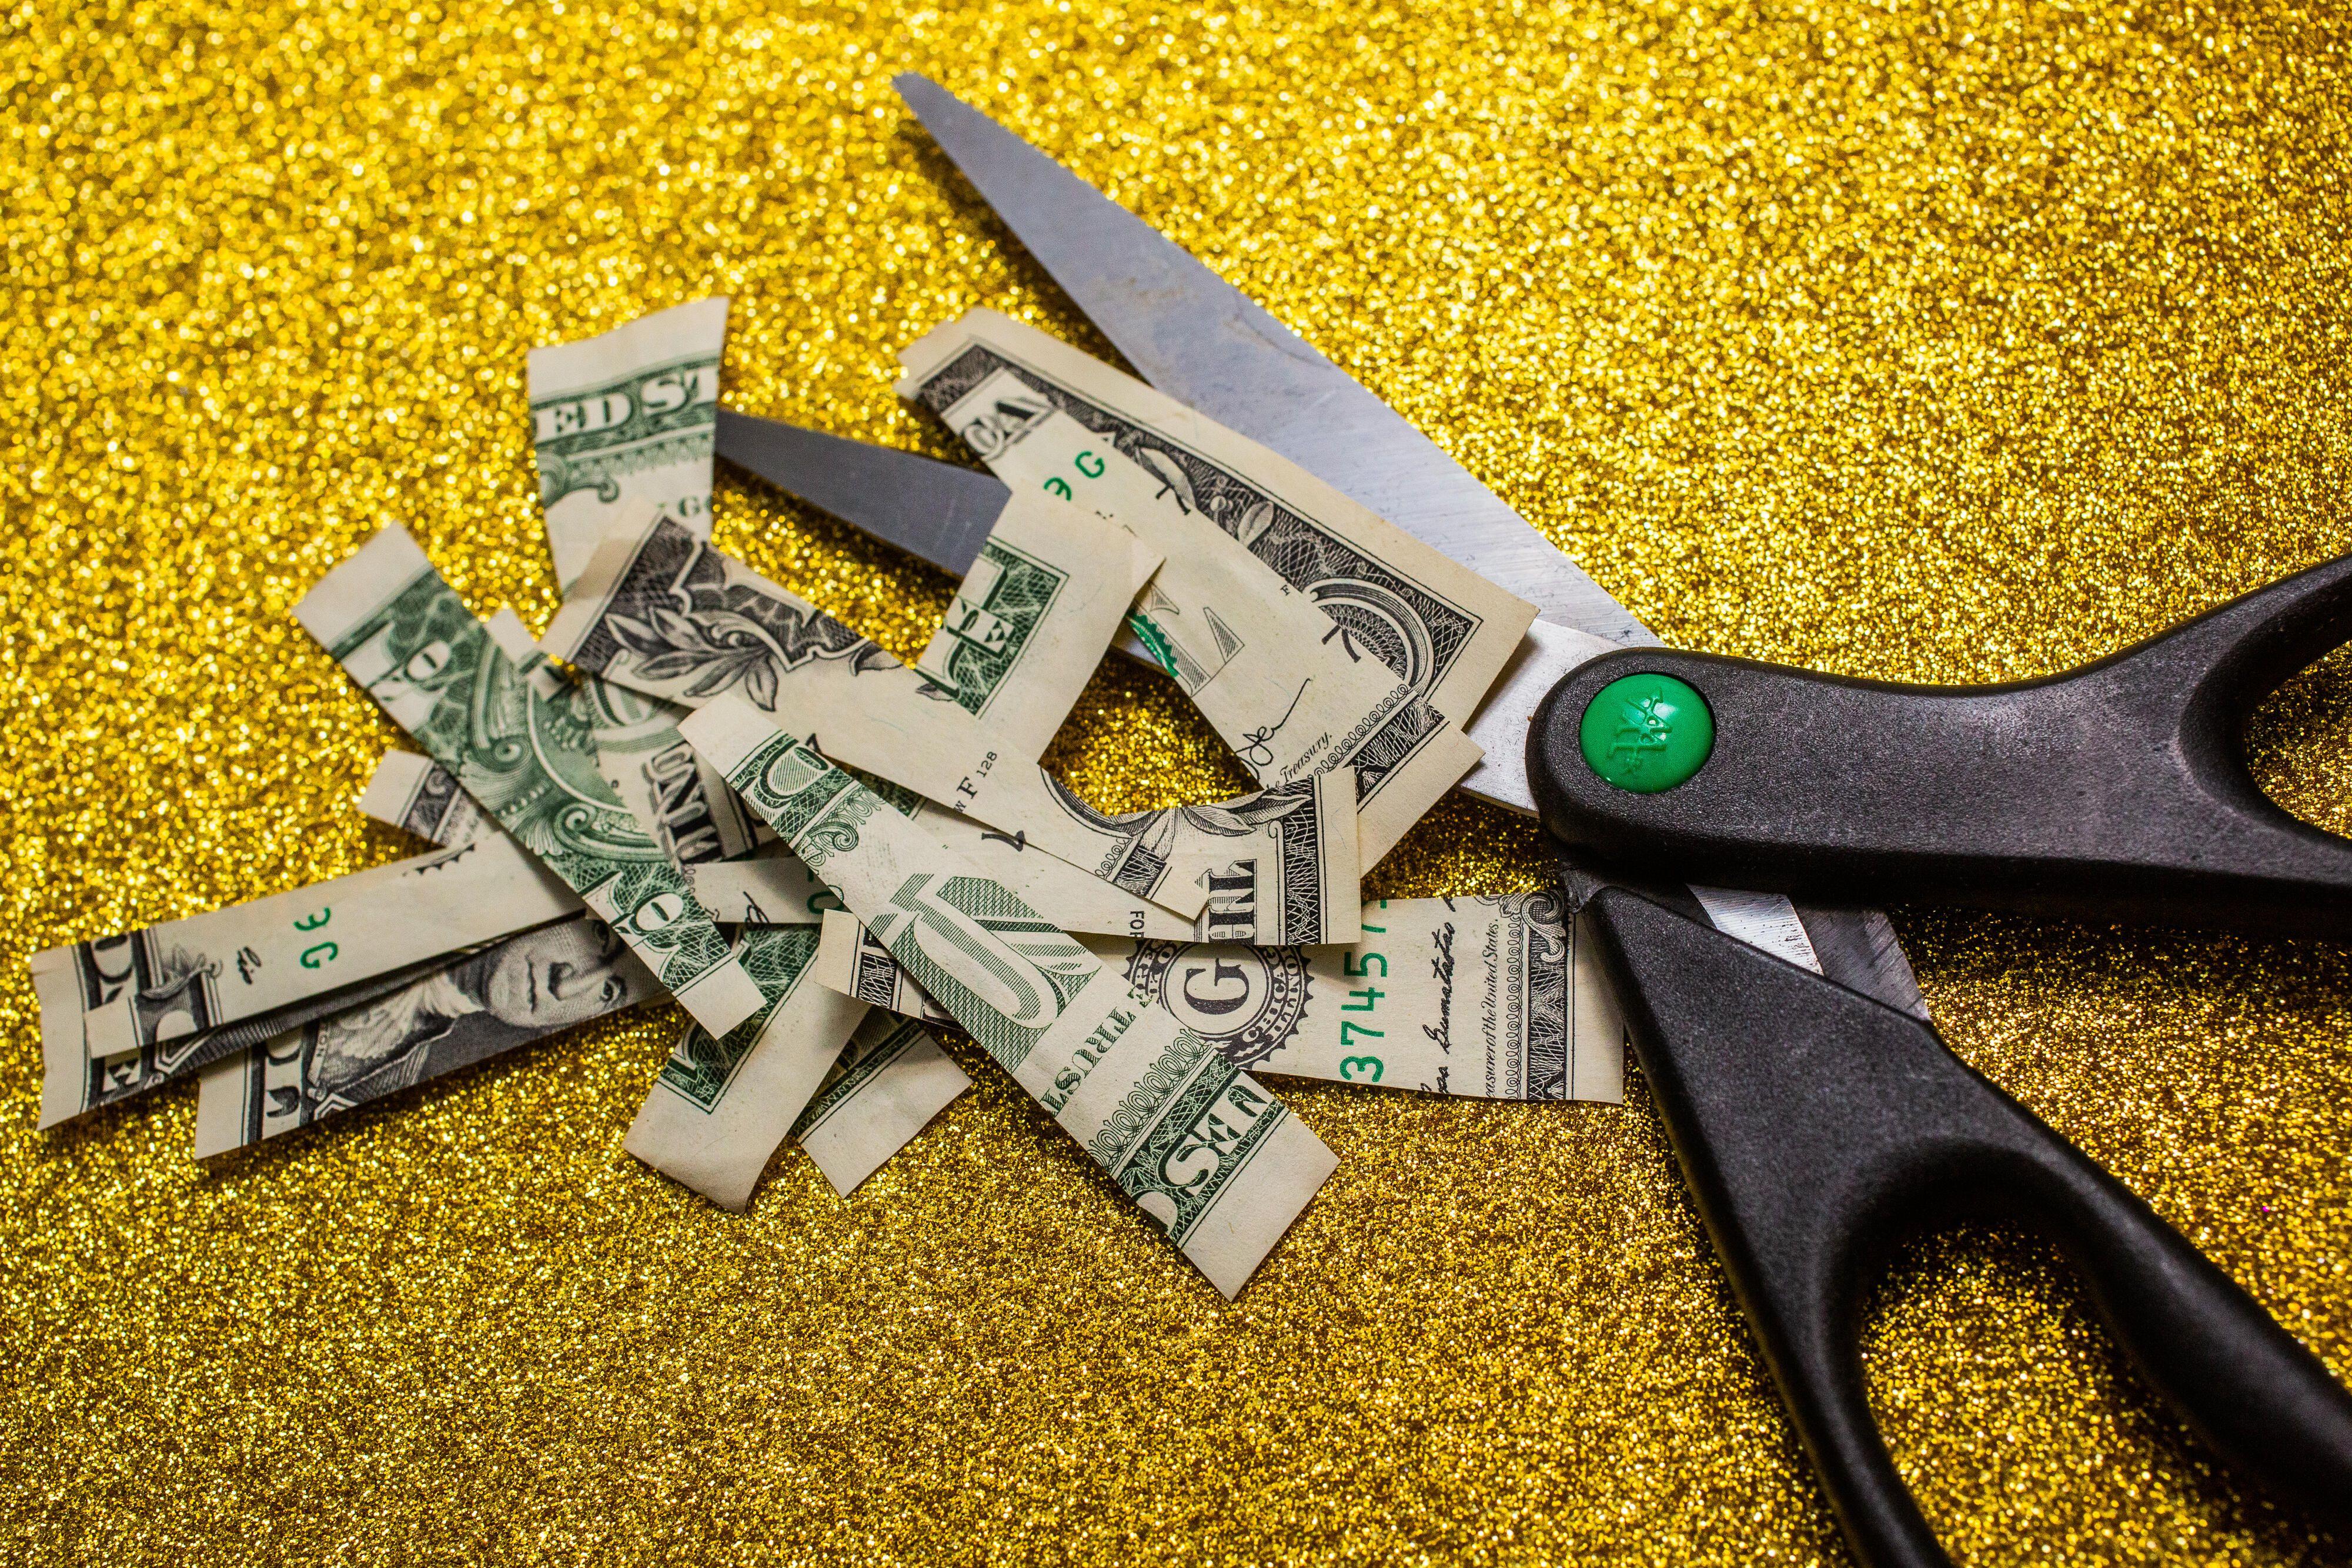 009-cash-burning-cut-up-stimulus-fail-trump-2020-october